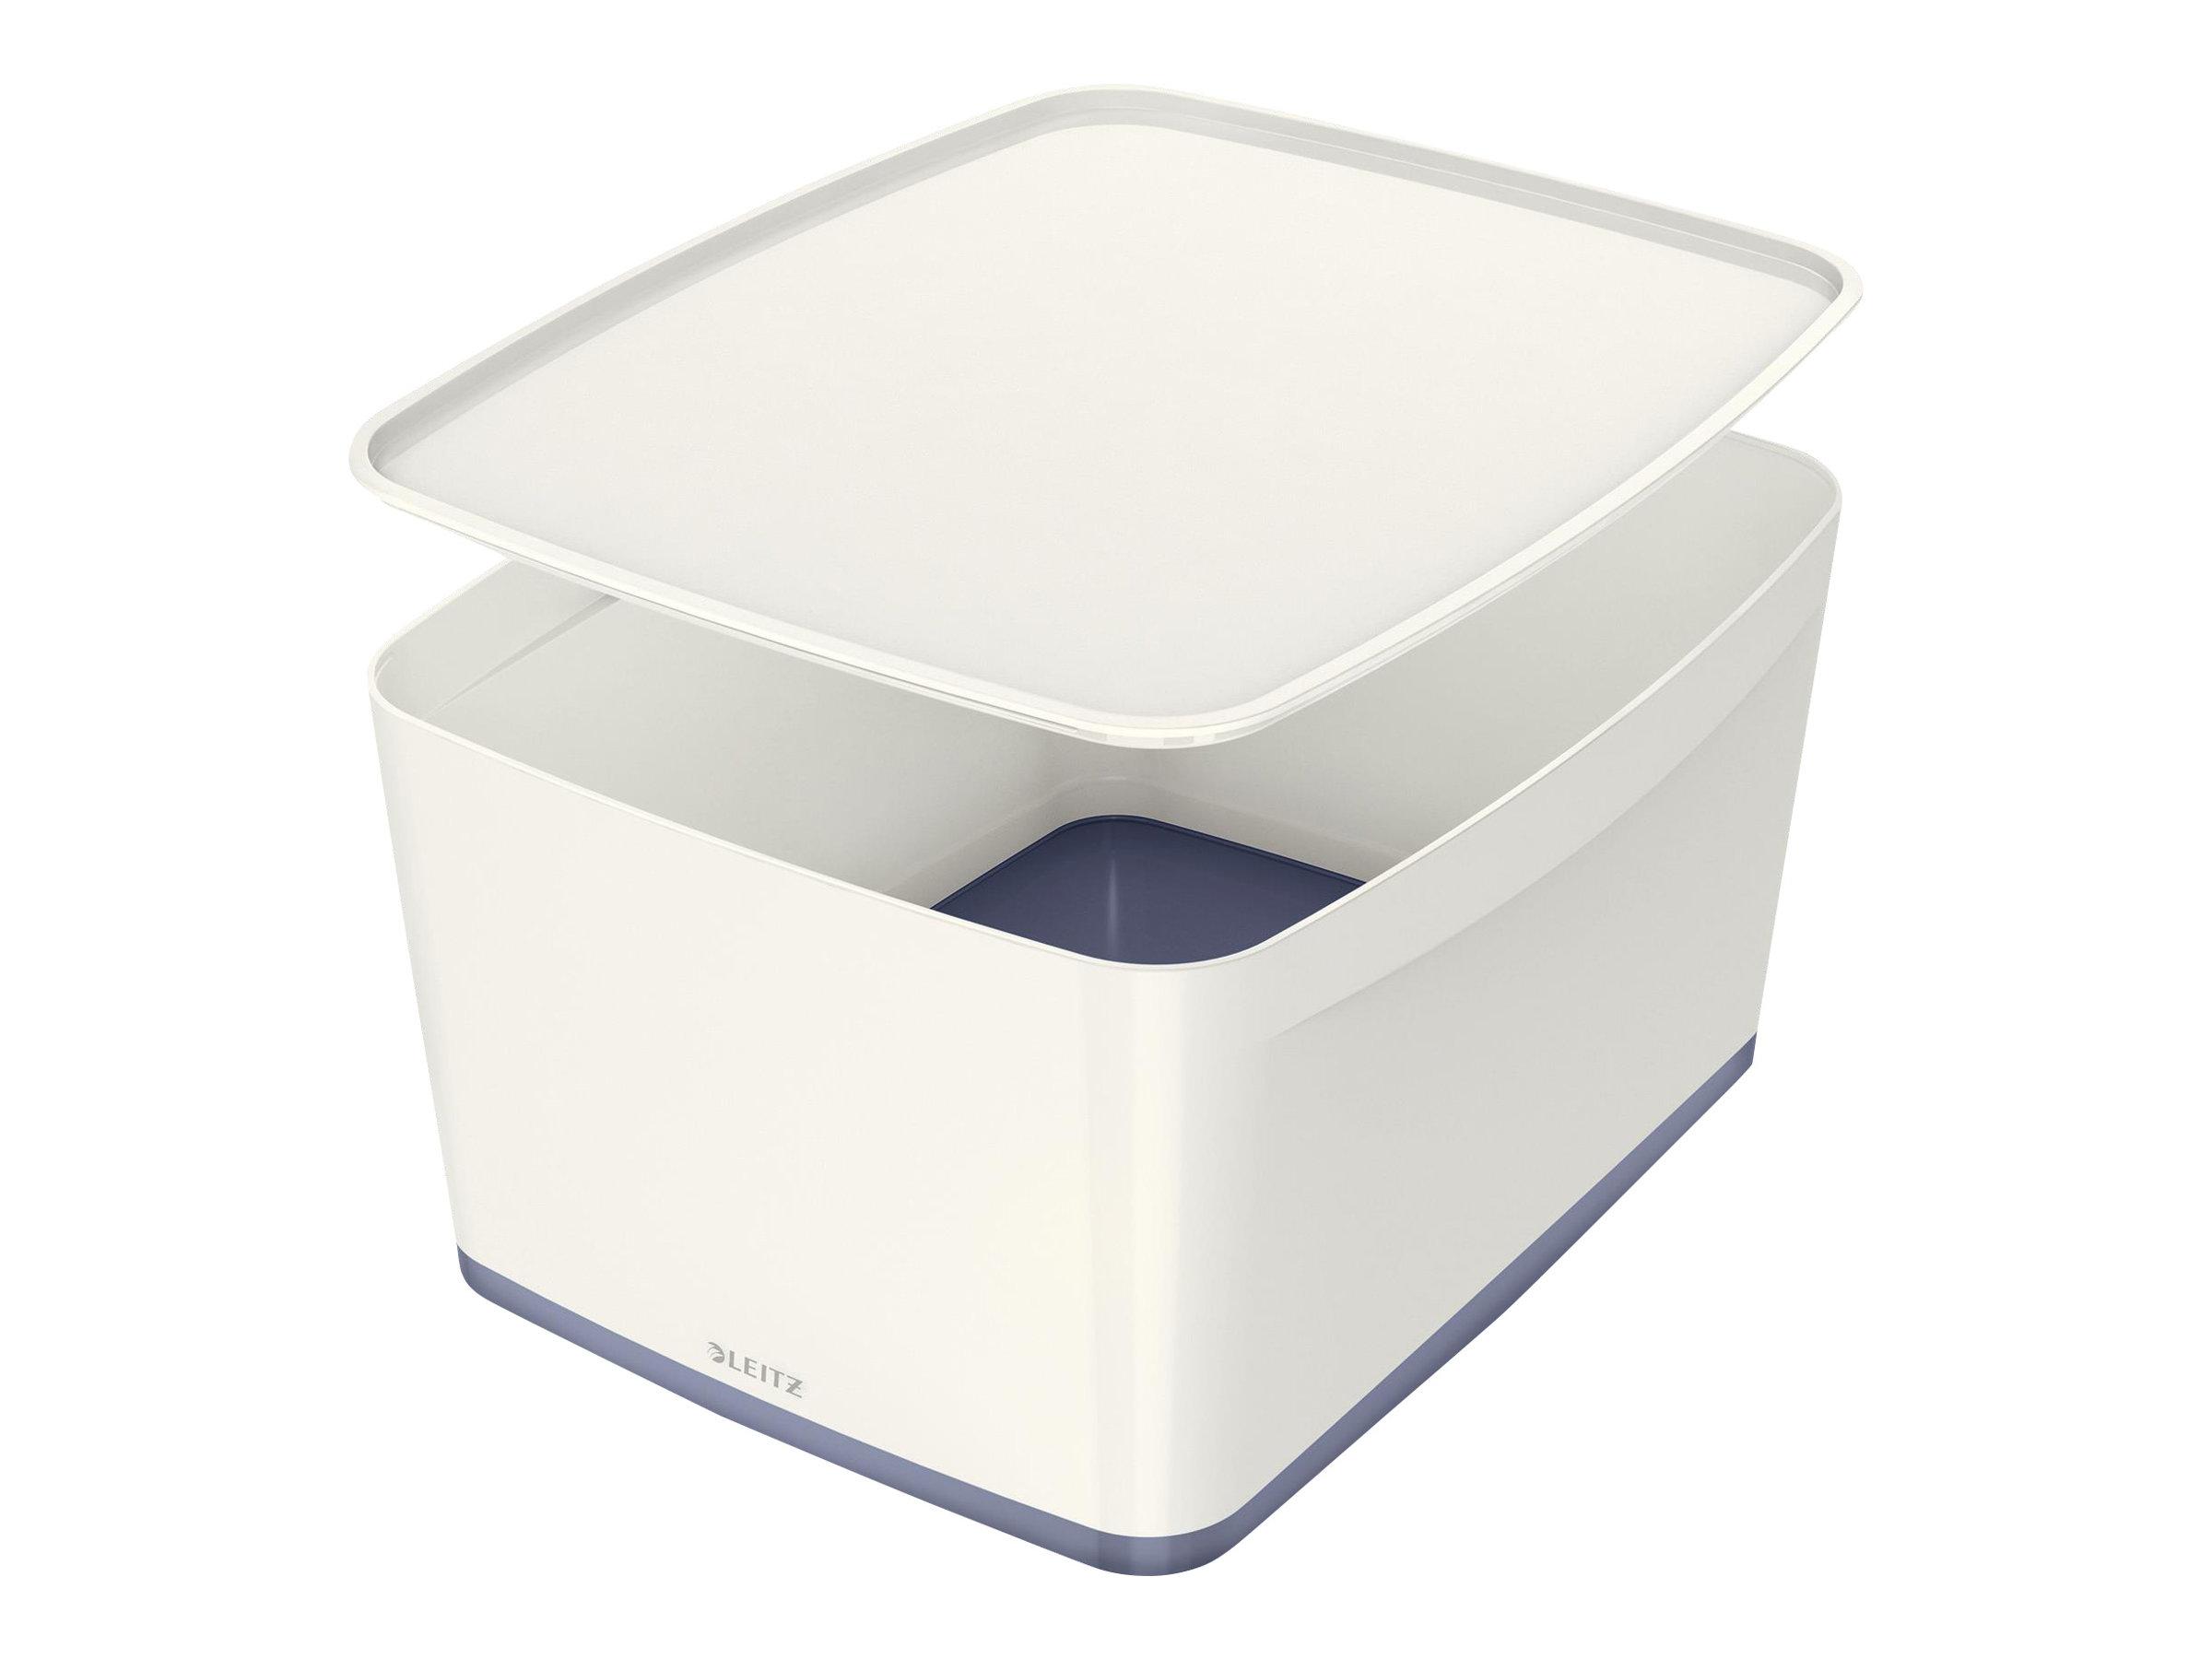 Leitz MyBox - Boîte de rangement format moyen - blanc/gris